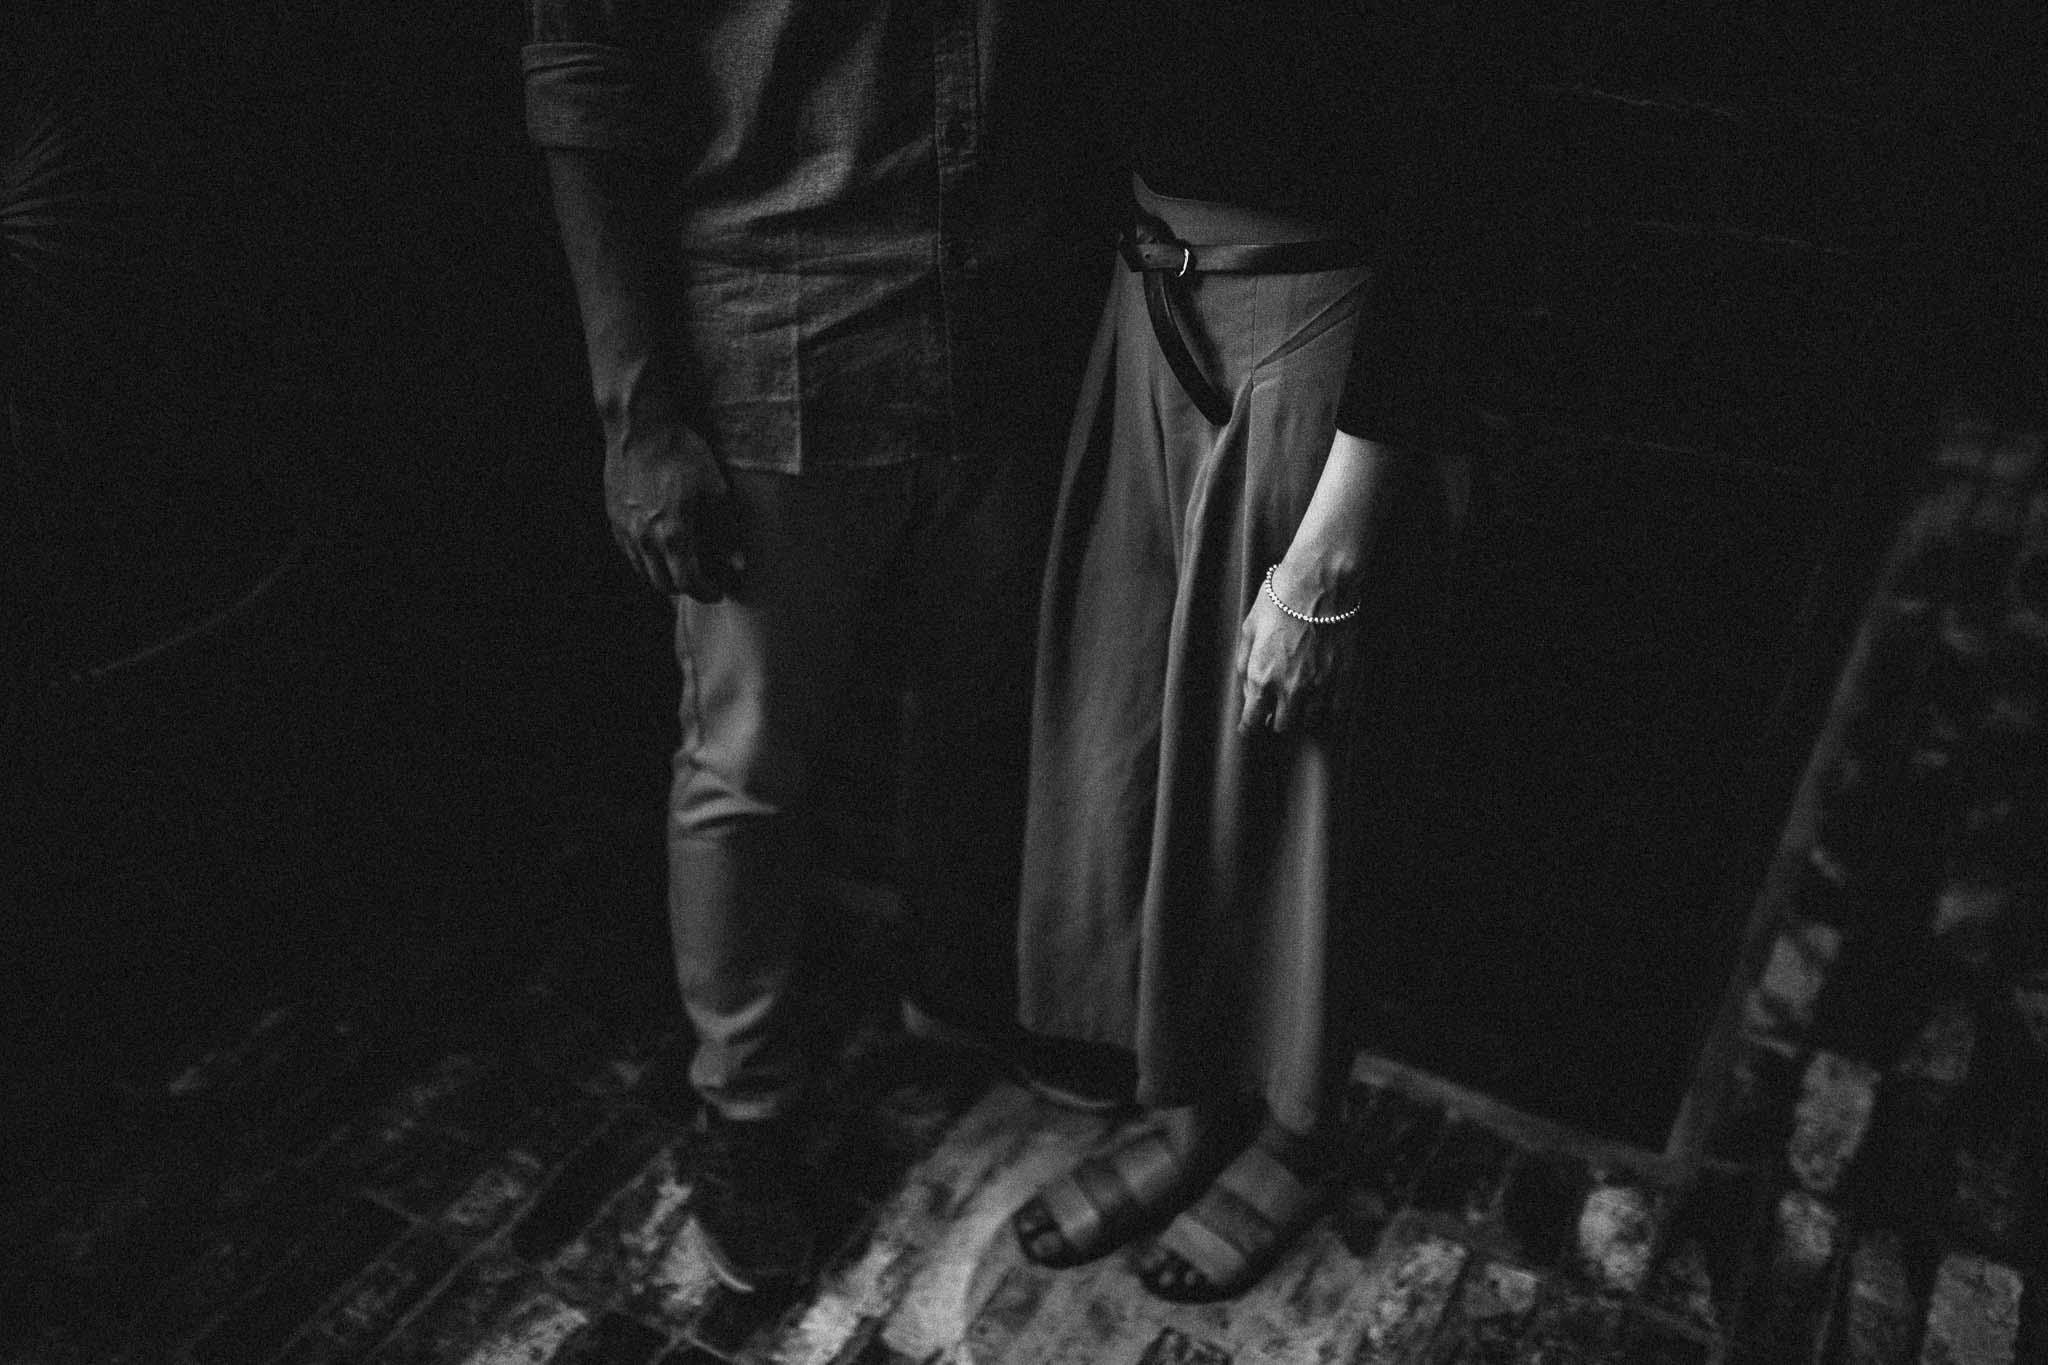 qila&elyas-weddingsbyqay-lovesession (86 of 297).jpg